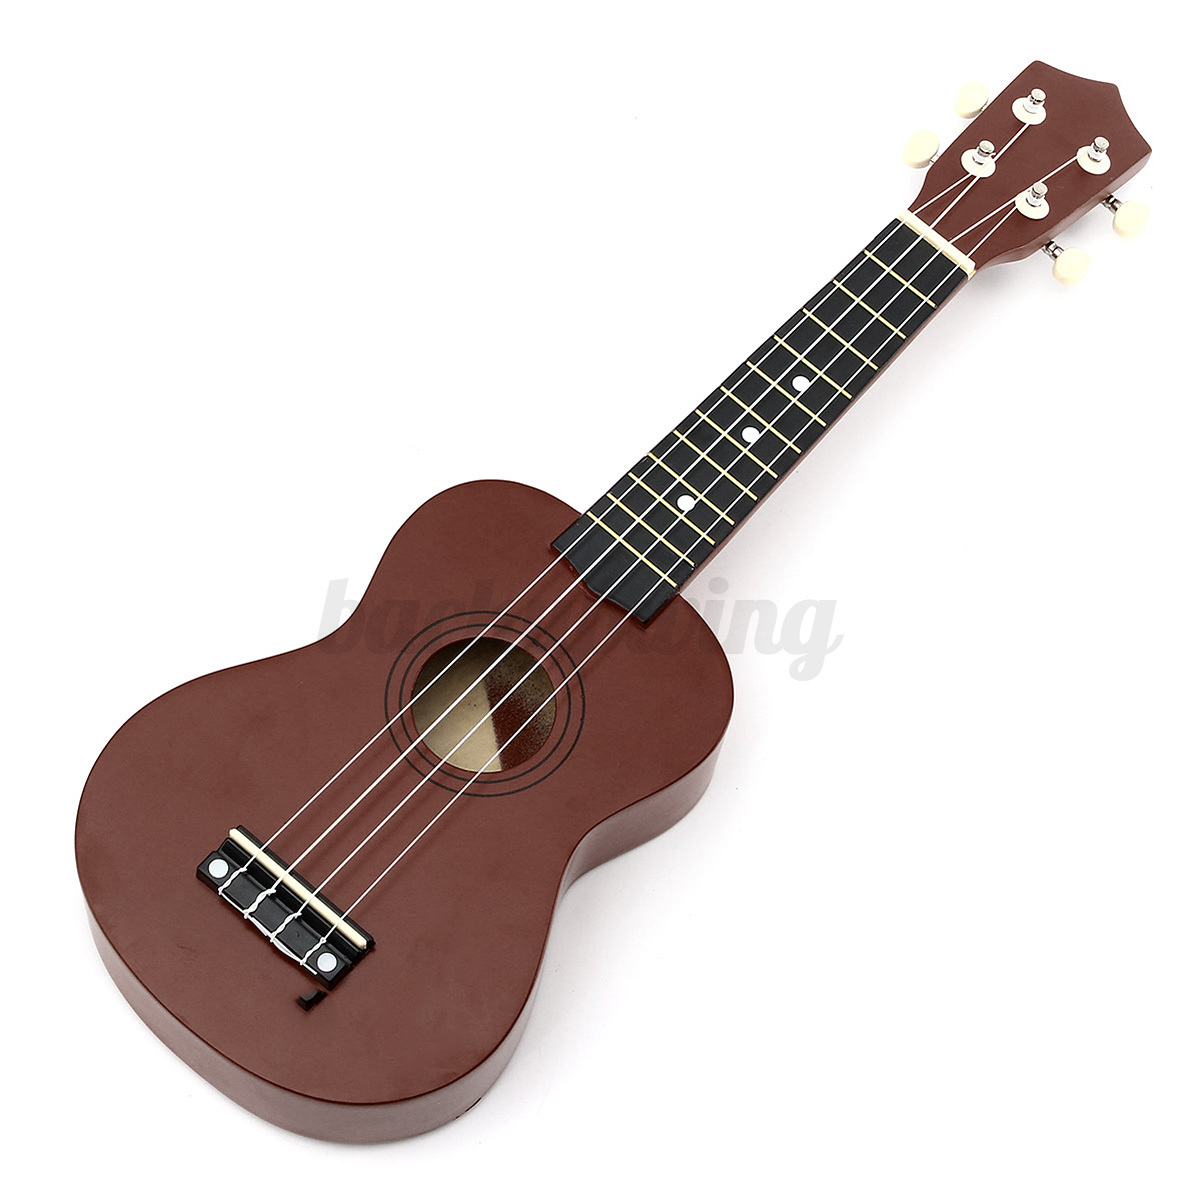 21'' Ukulele Sopran Gitarre Acoustic Guitar 4-String Kinder Geschenk fr Anfänger Kaffee